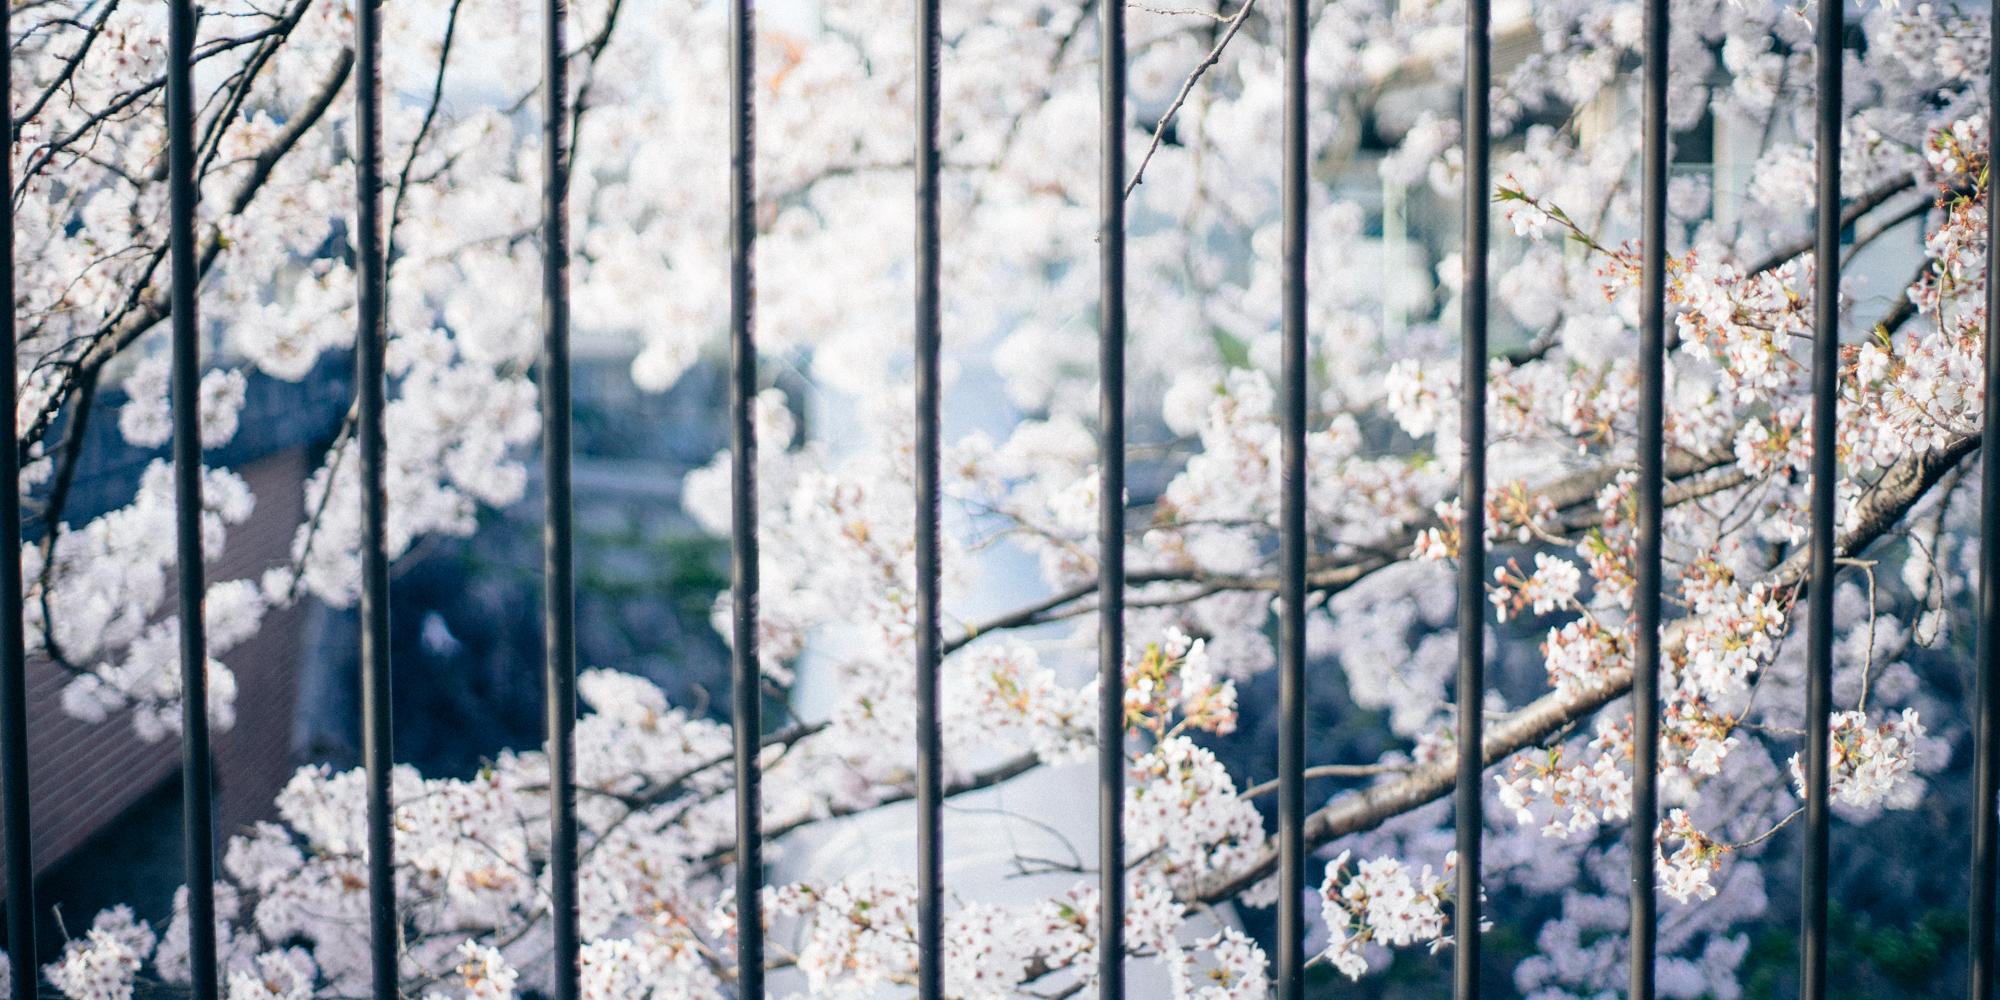 大阪 カメラ&写真サークル「銀板倶楽部」